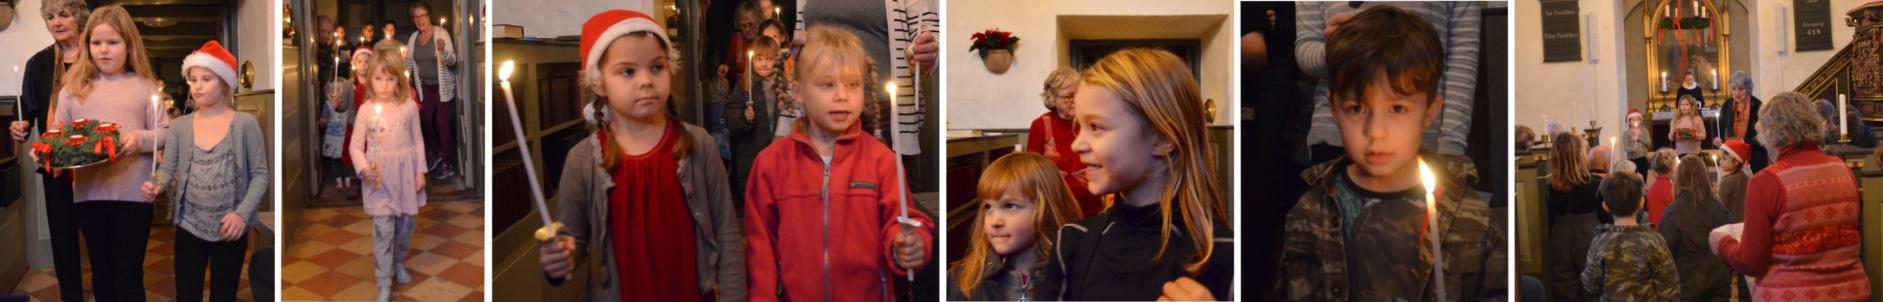 I går var det 1. advent-gudstjeneste,der som altid indledes ved at byens børn bærer lys ind i kirken. Fotos: AOB